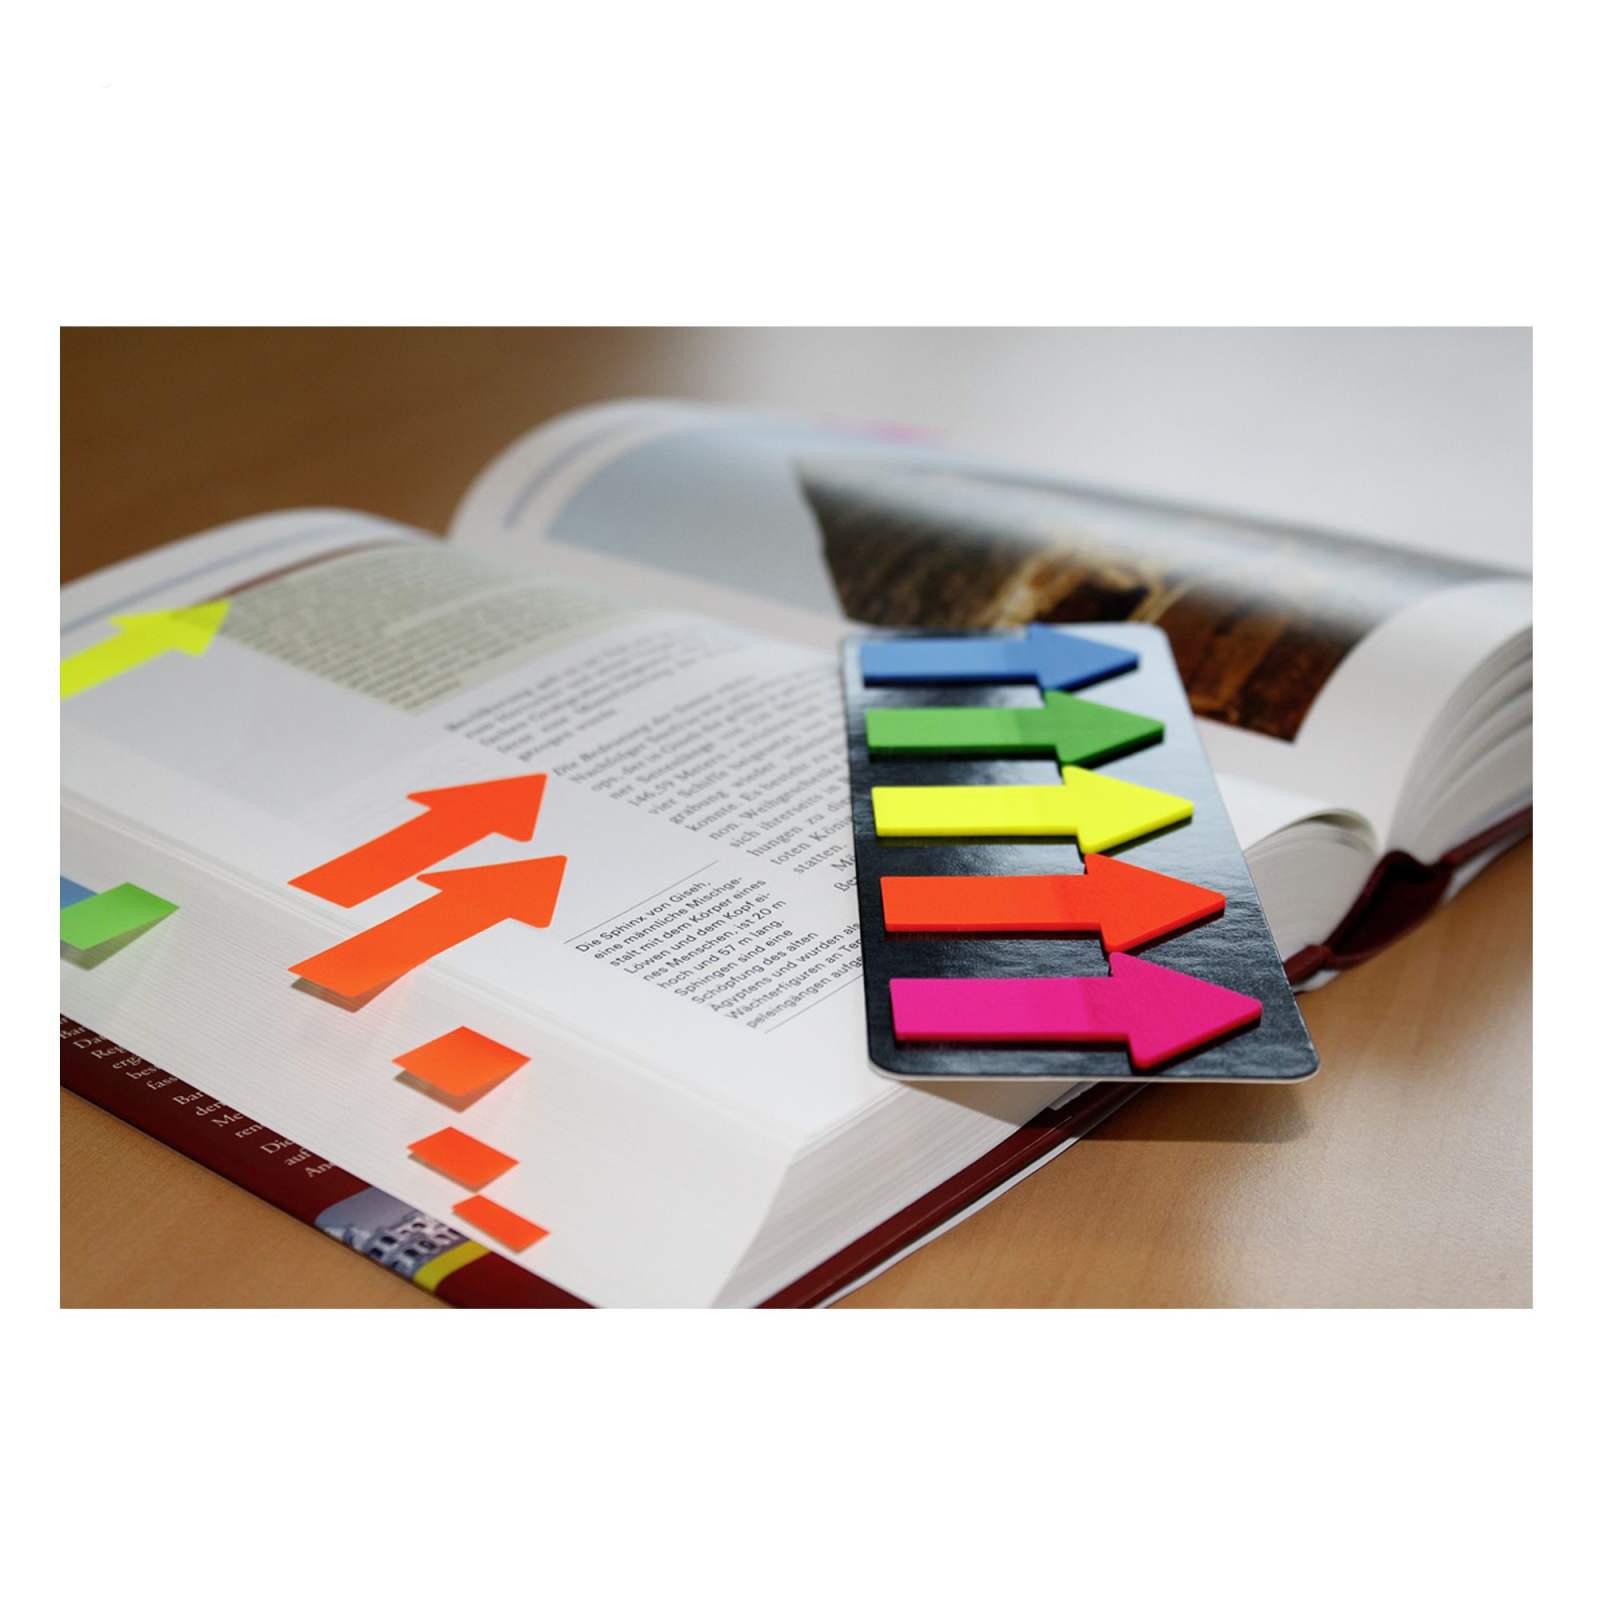 این کاغذ مناسب برای علامتگذاری، دستهبندی پروندهها، پوشهها و آرشیوبندی و..... میباشد.